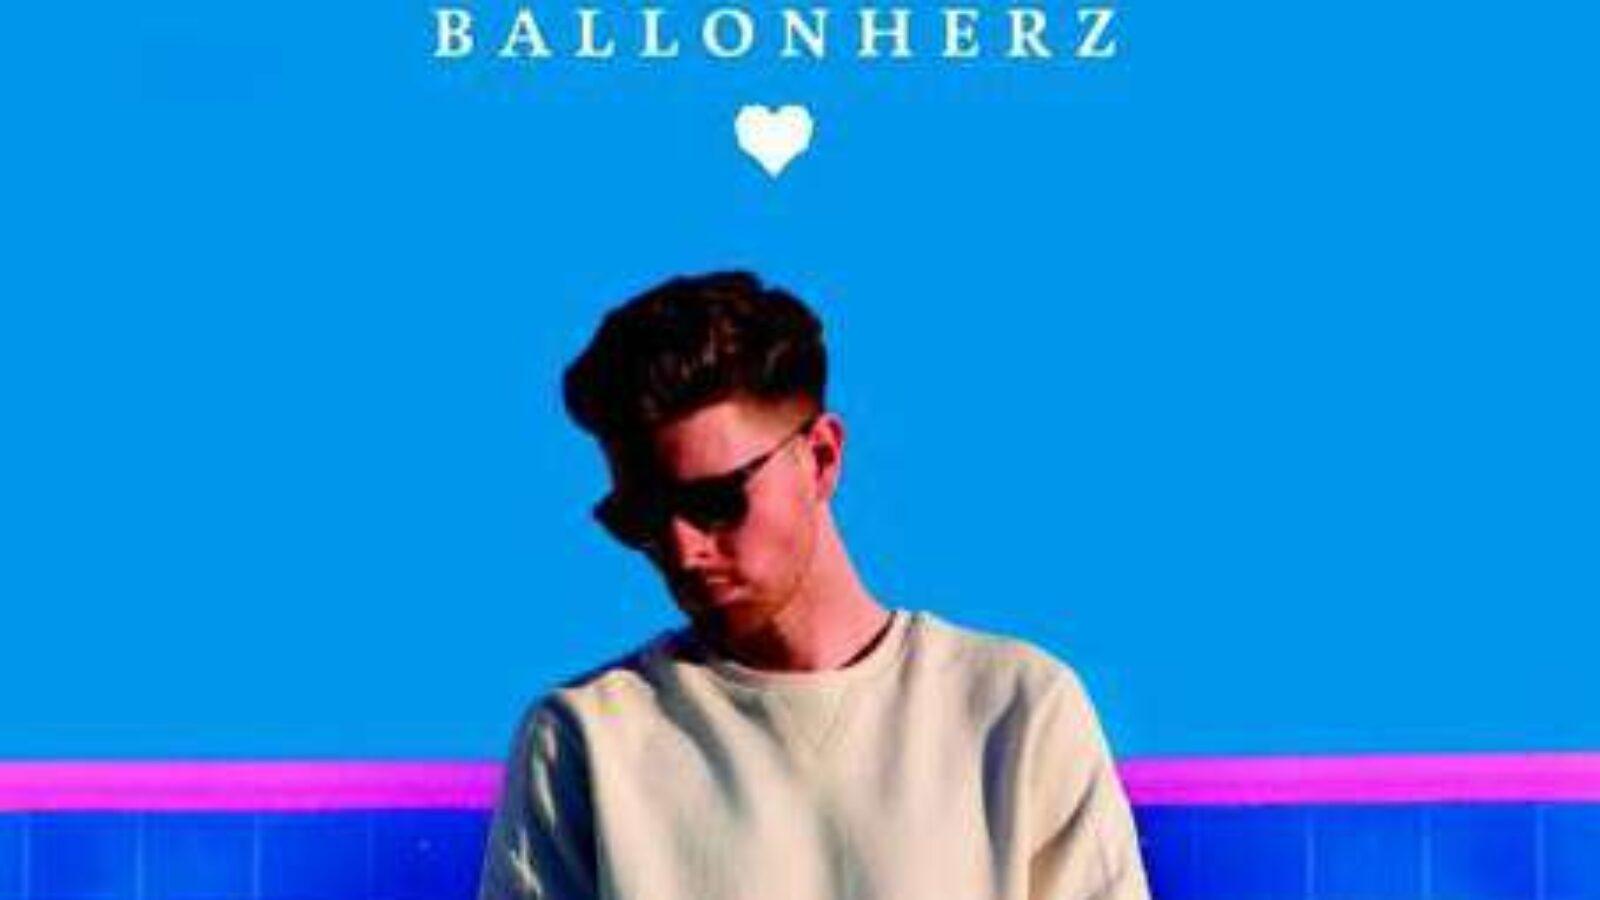 OLSON – Ballonherz